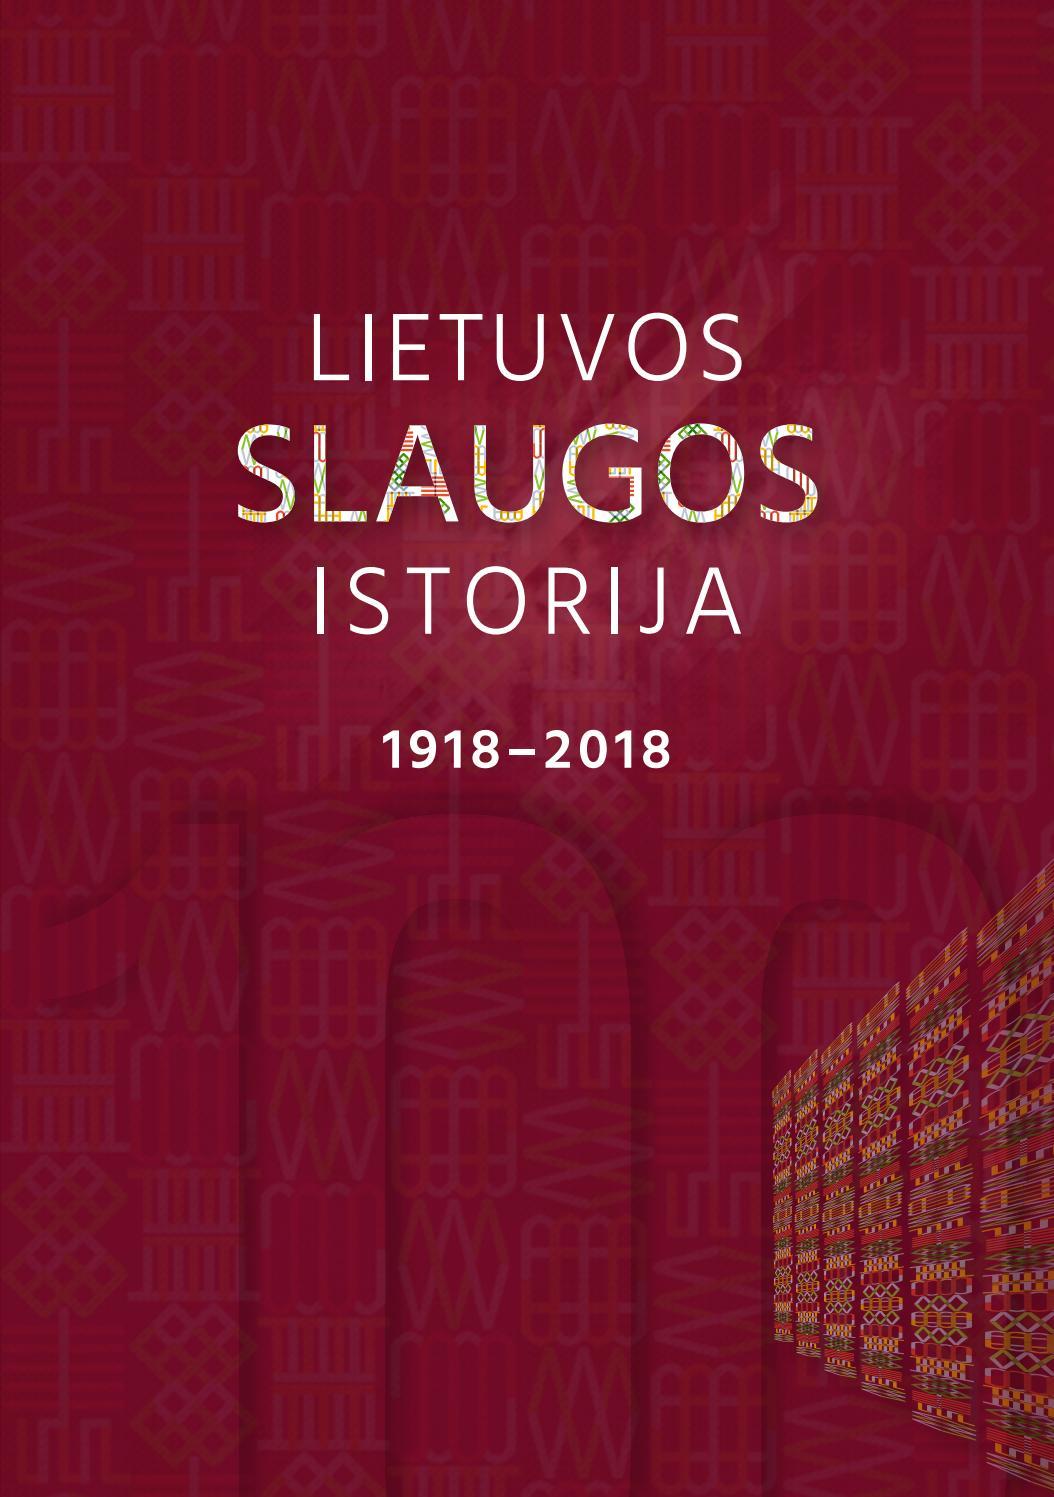 16 amžiaus medicina Lietuvoje: po nuskausminimo plaktuku galėjai ir nepabusti - LRT